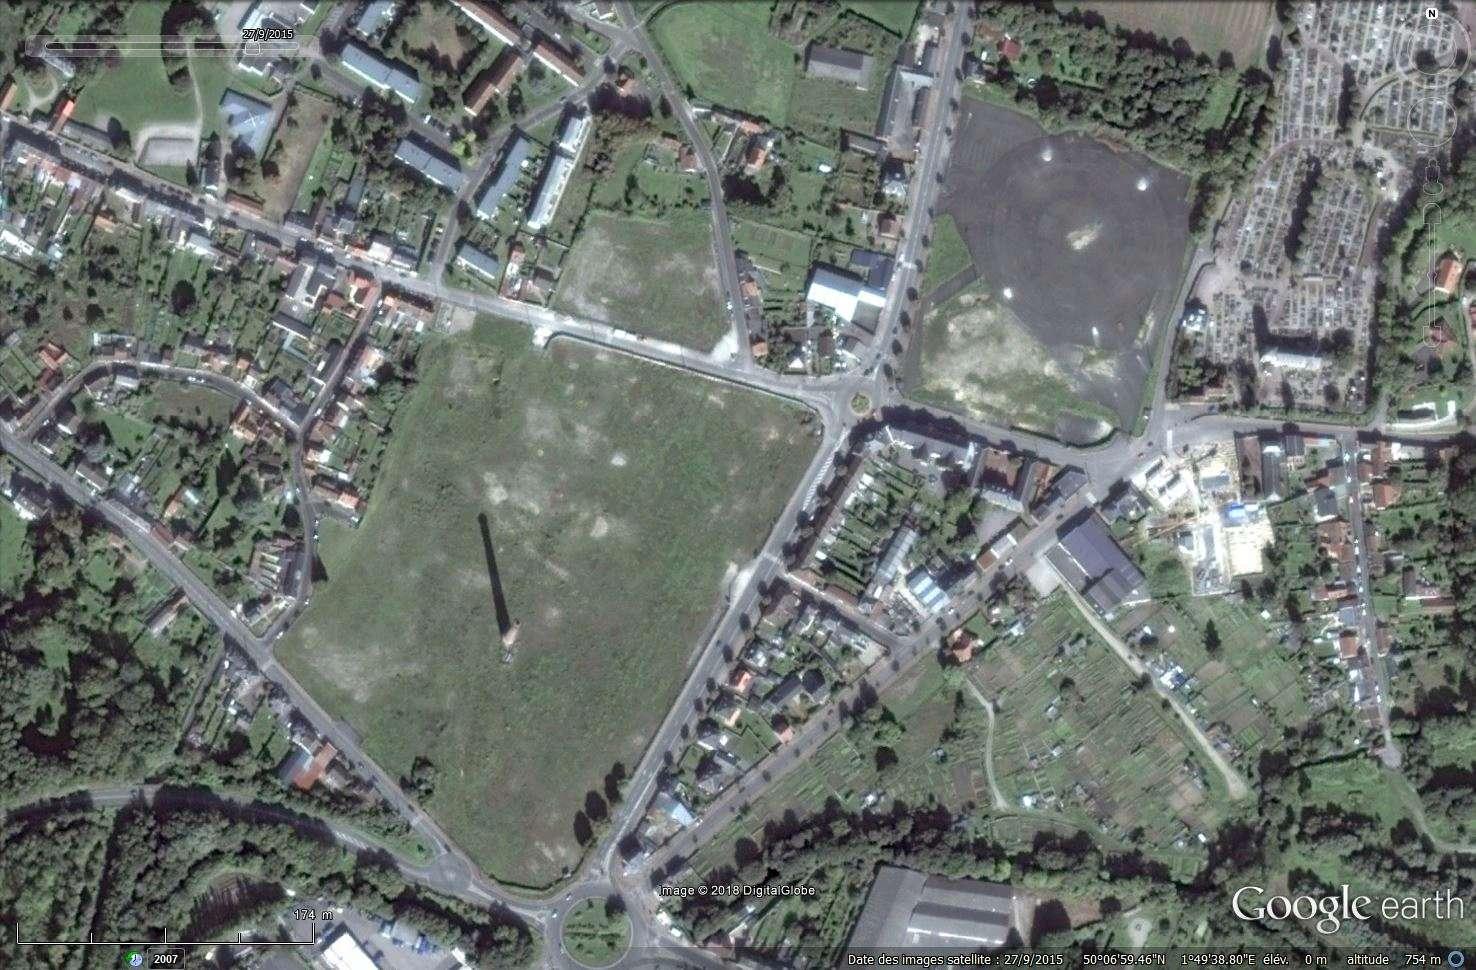 [Bientôt visible sur Google-Earth] Futur quartier de la sucrerie à Abbeville, Somme Tsge_527